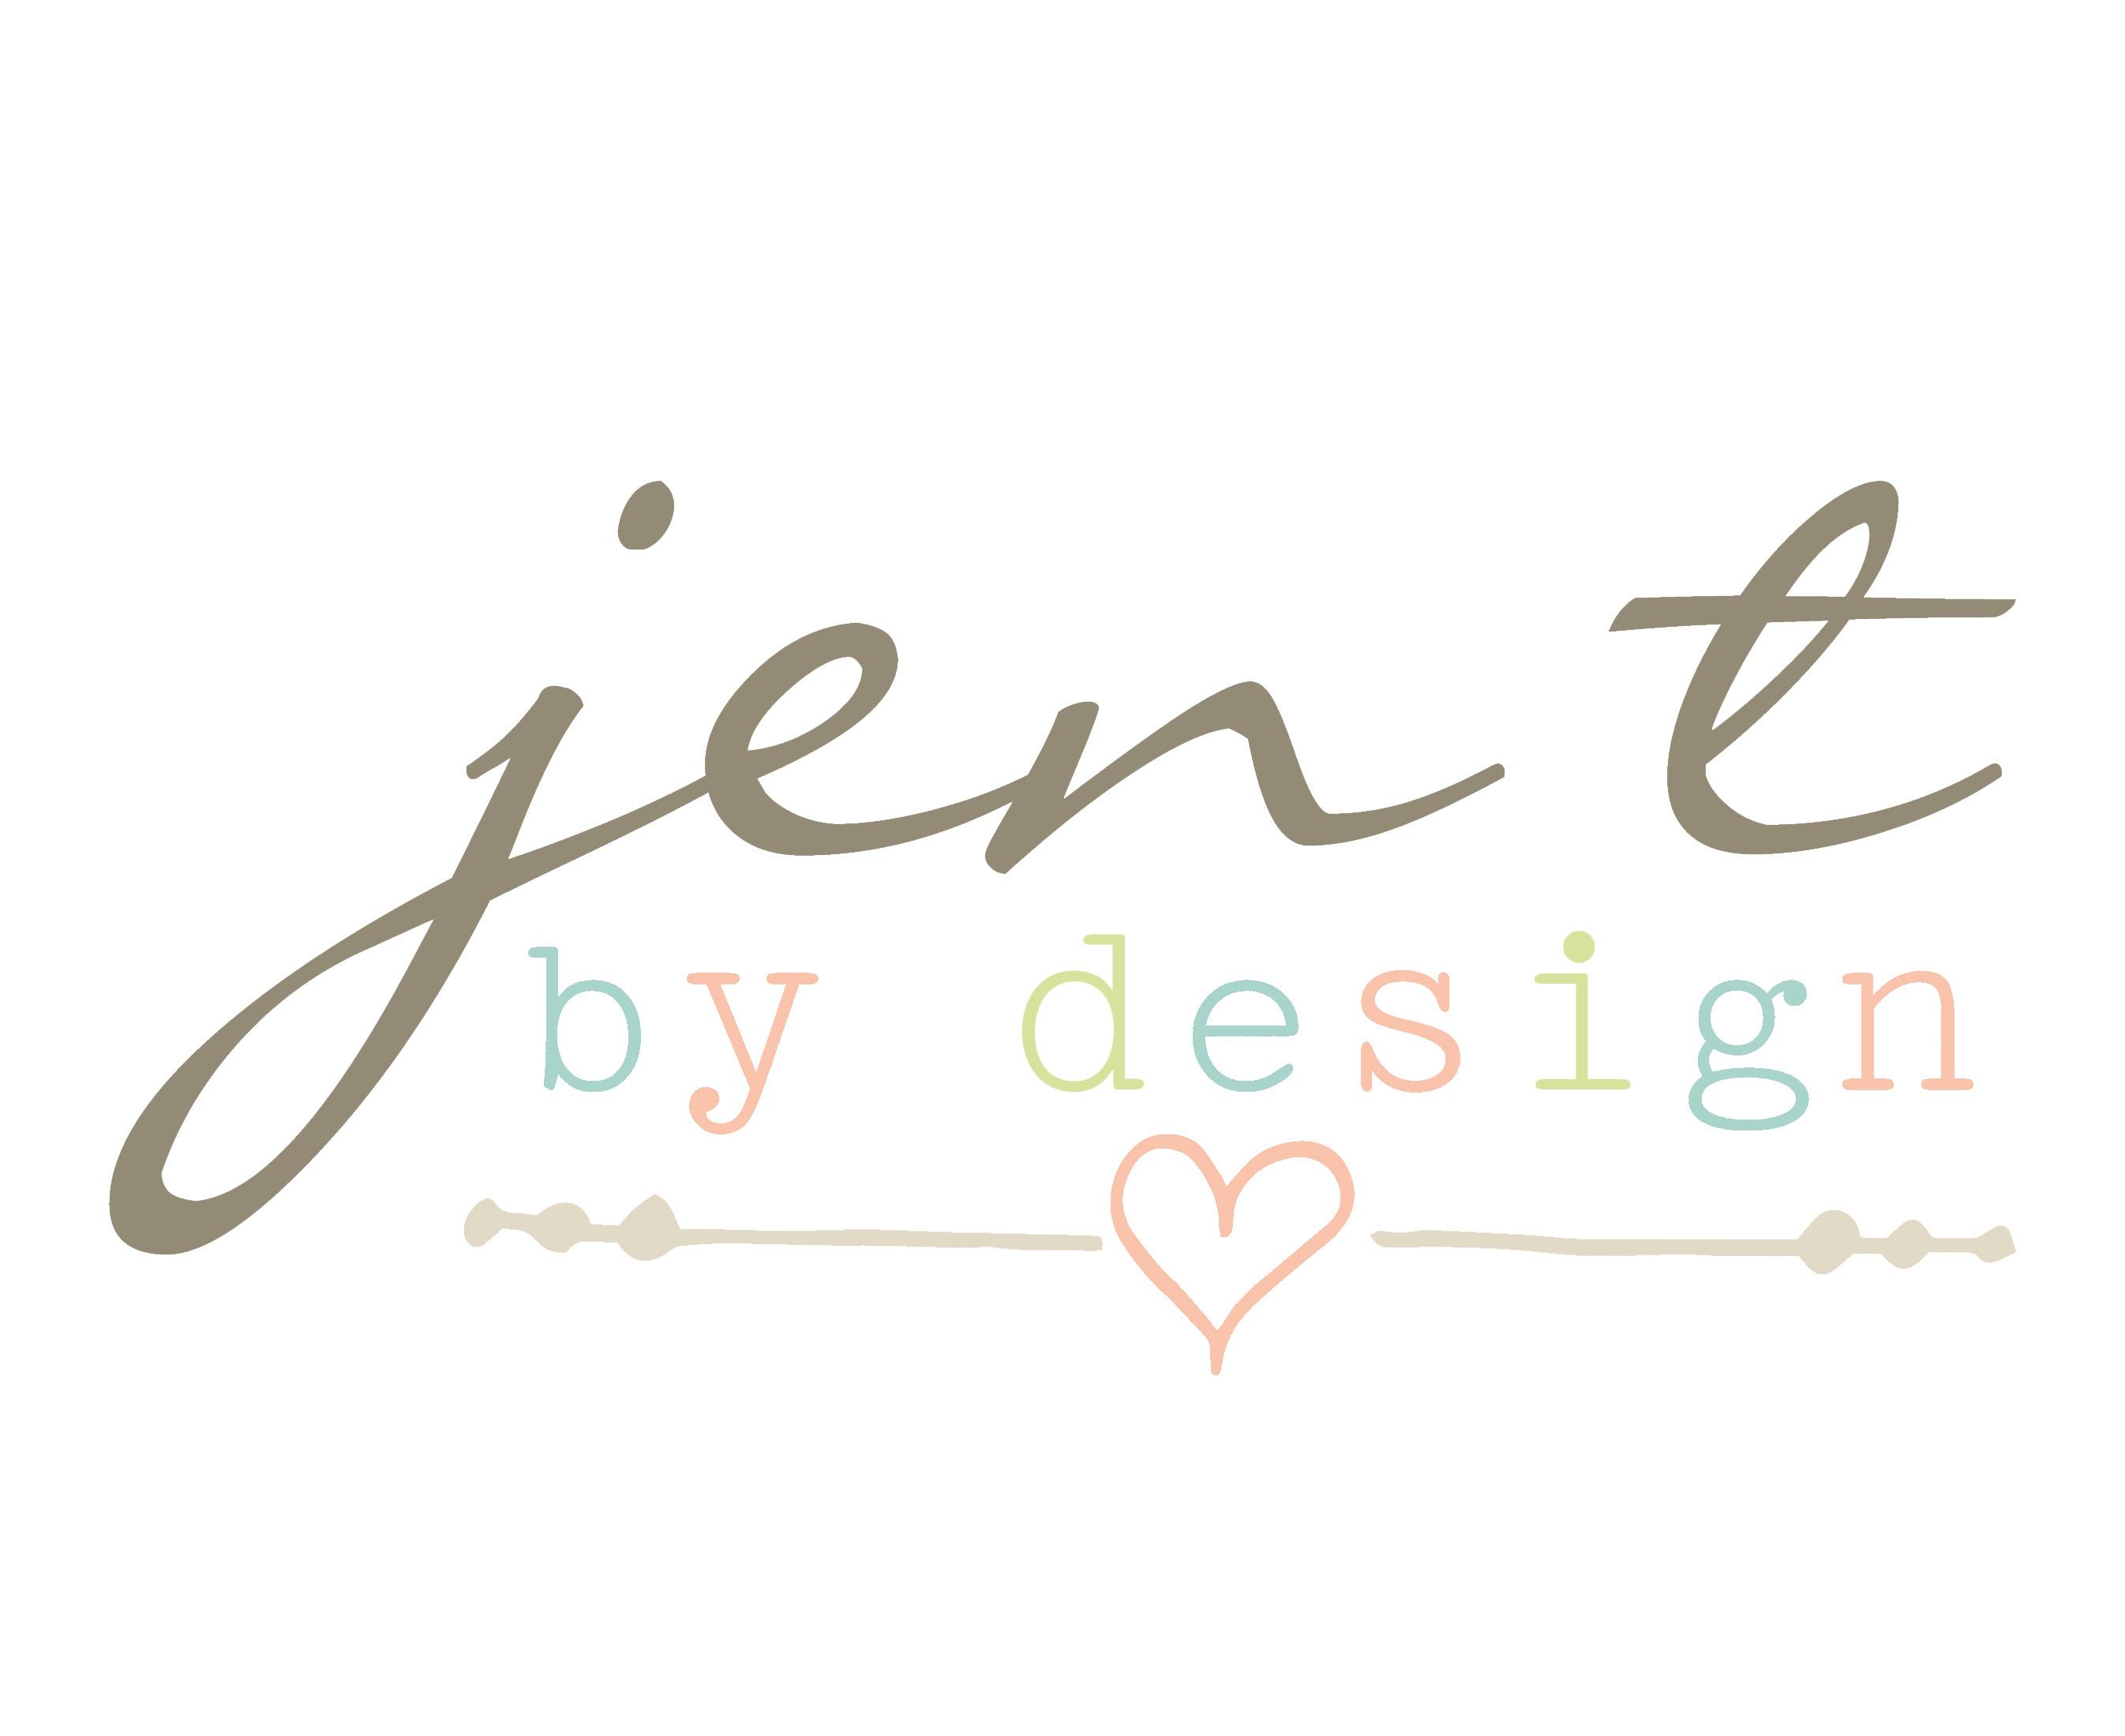 Jen T. by Design logo